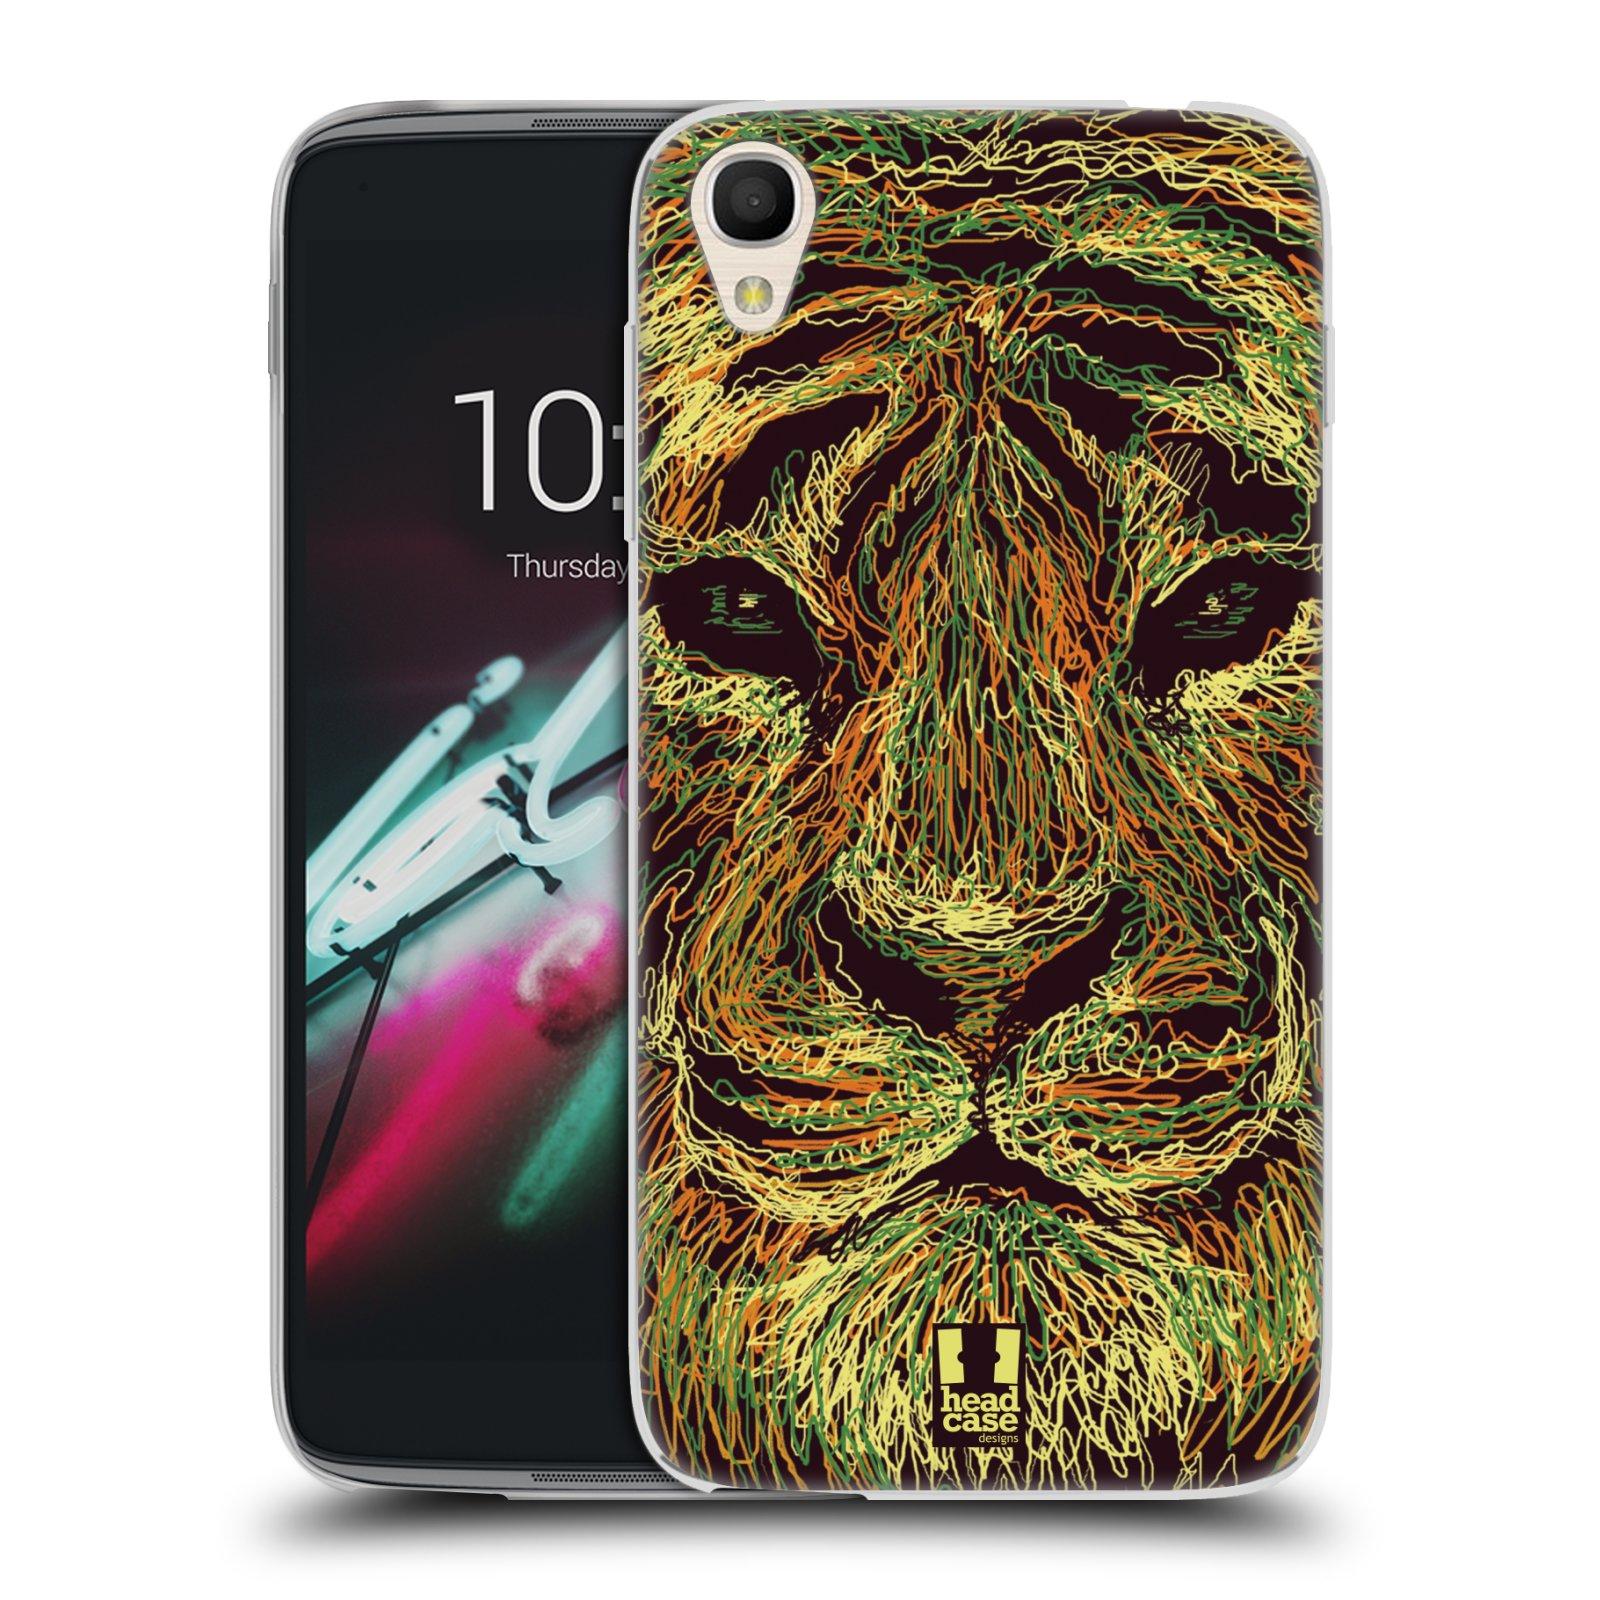 HEAD CASE silikonový obal na mobil Alcatel Idol 3 OT-6039Y (4.7) vzor zvíře čmáranice tygr